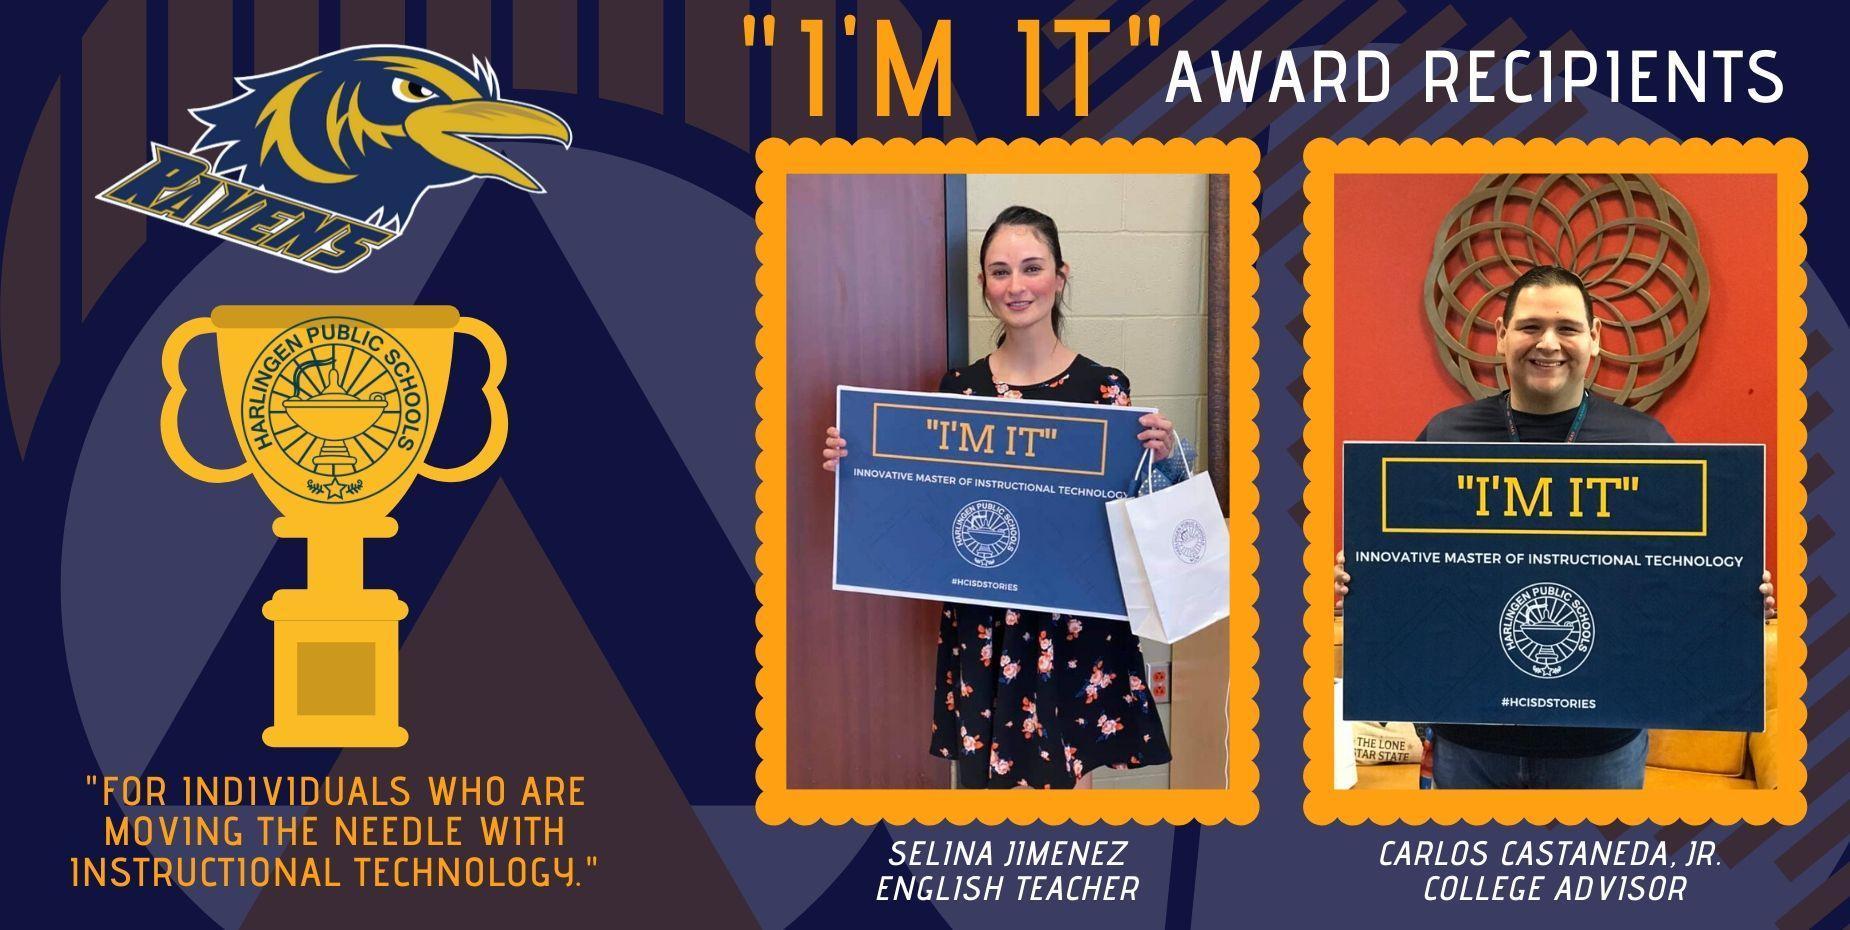 I'M IT!  Award Recipients